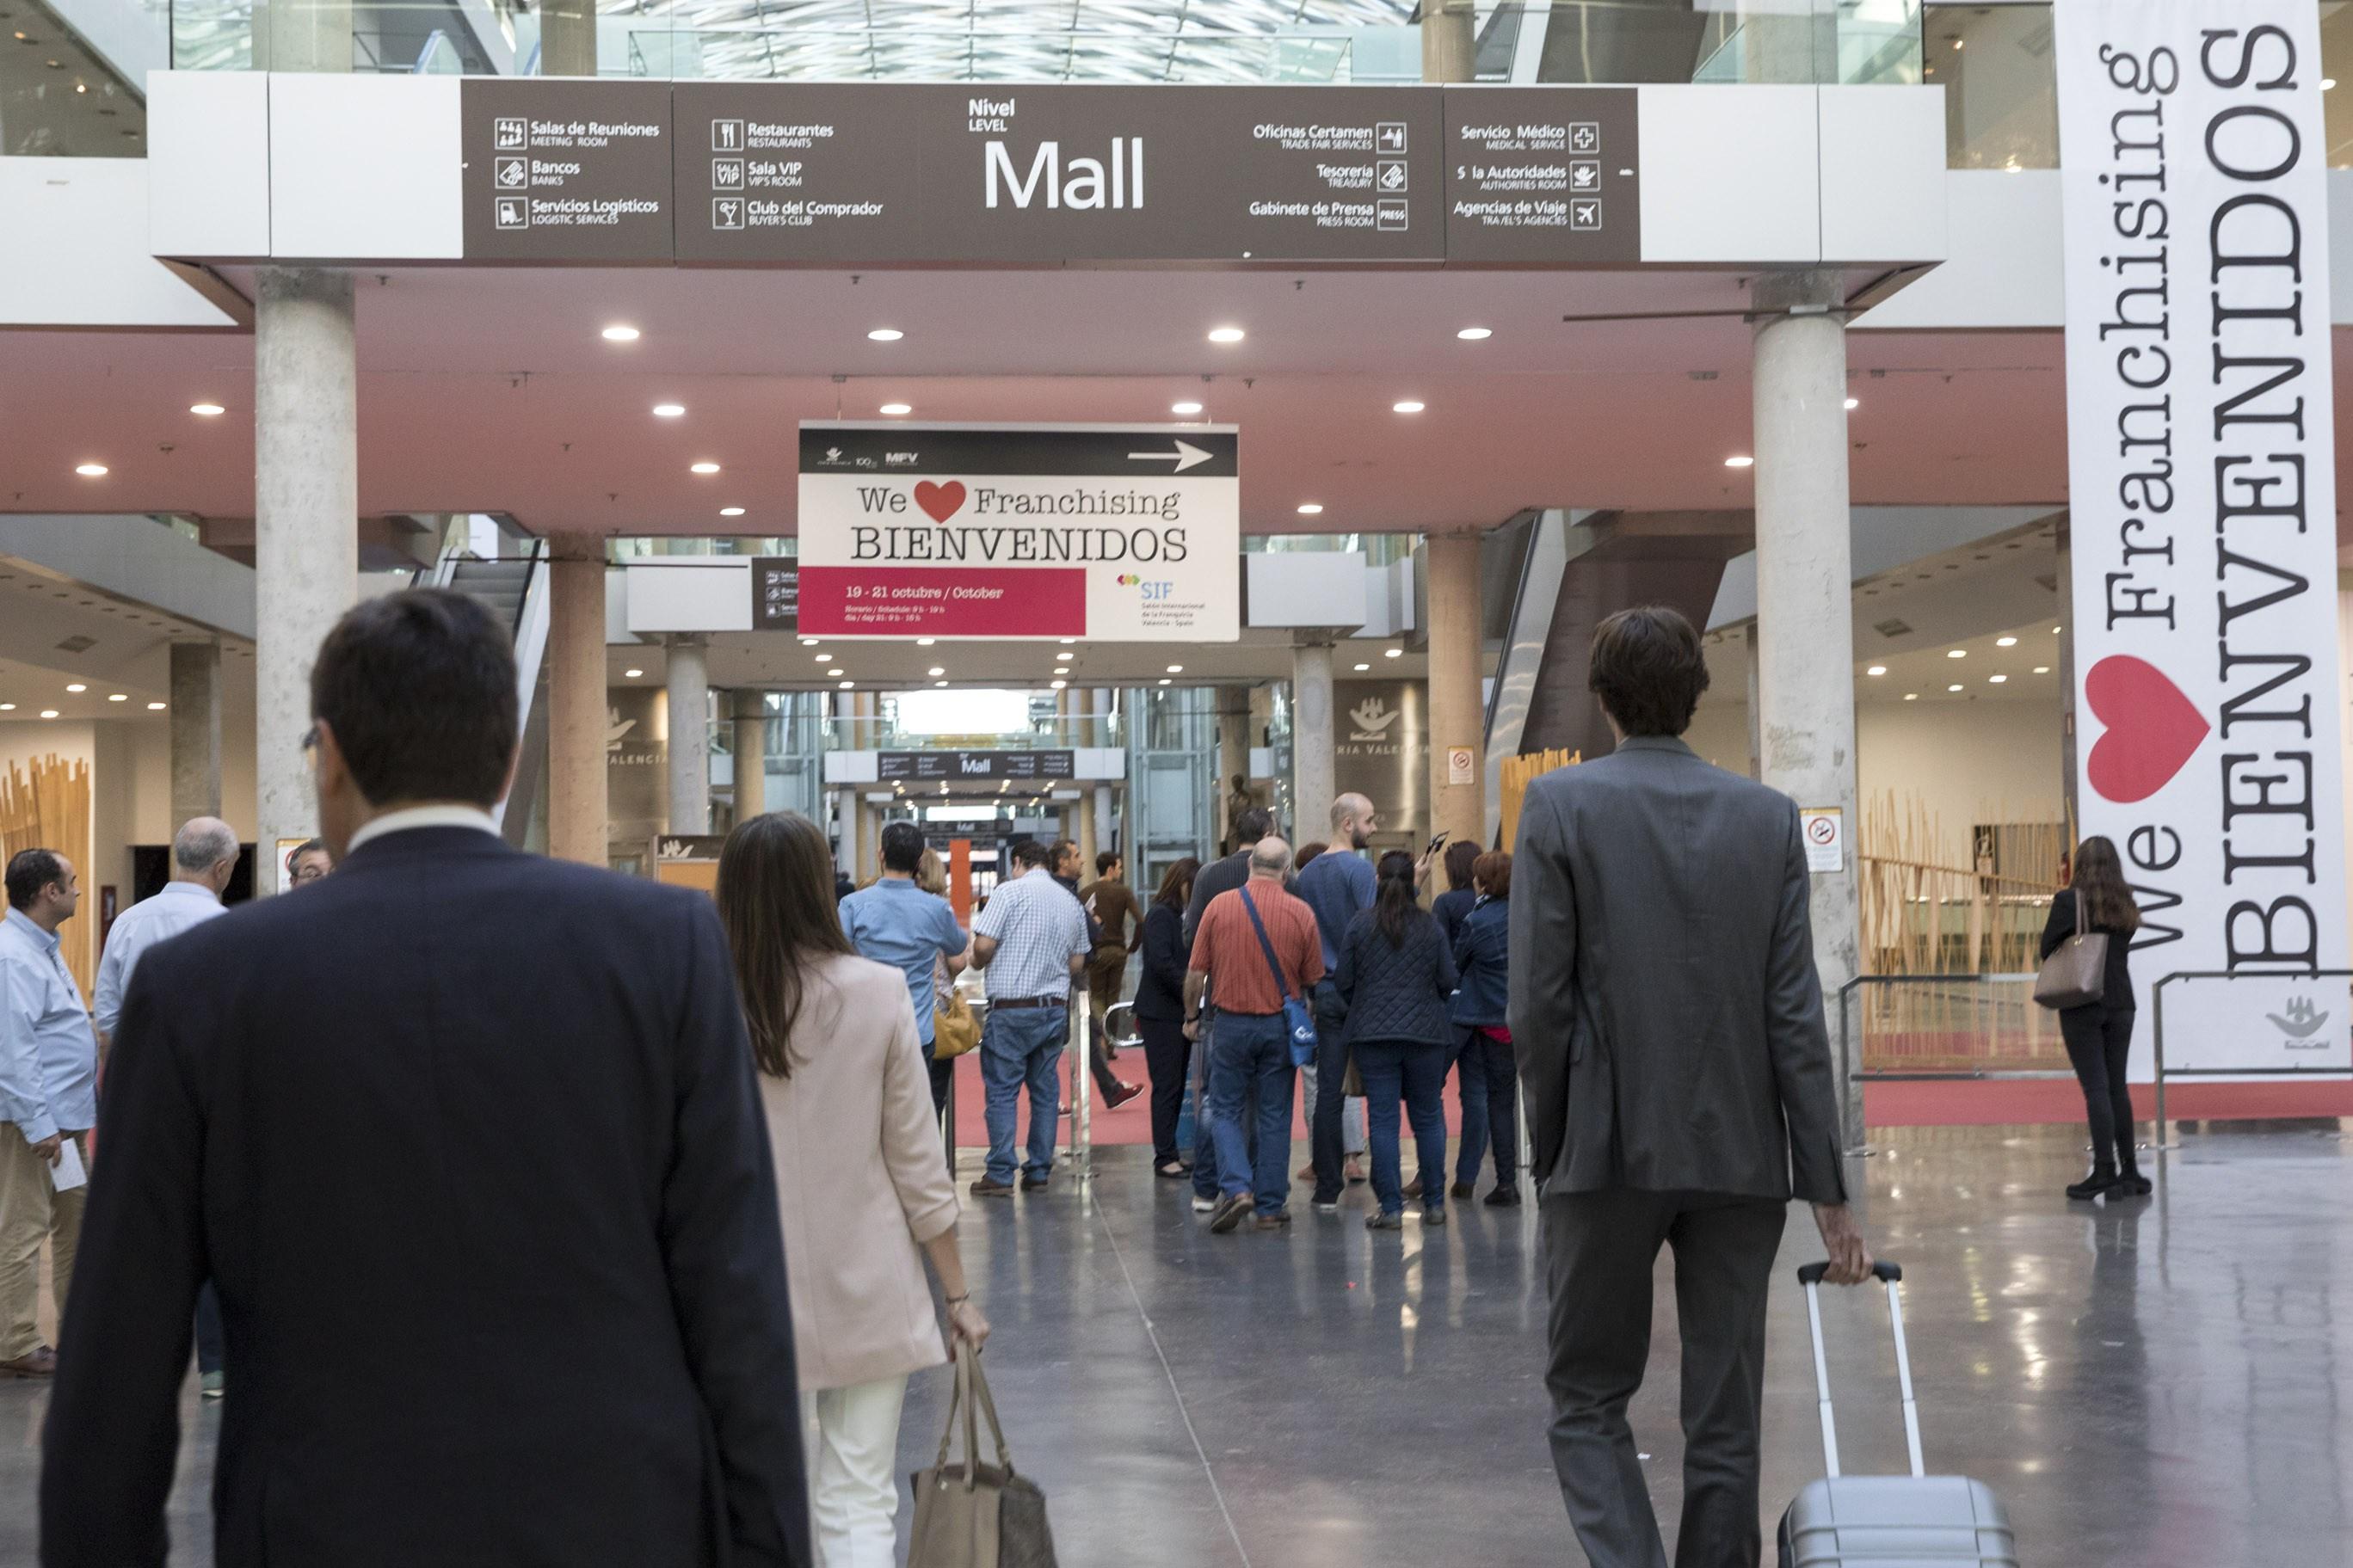 Visita en Valencia el Salón Internacional de las Franquicias y Oportunidades de Negocio 3